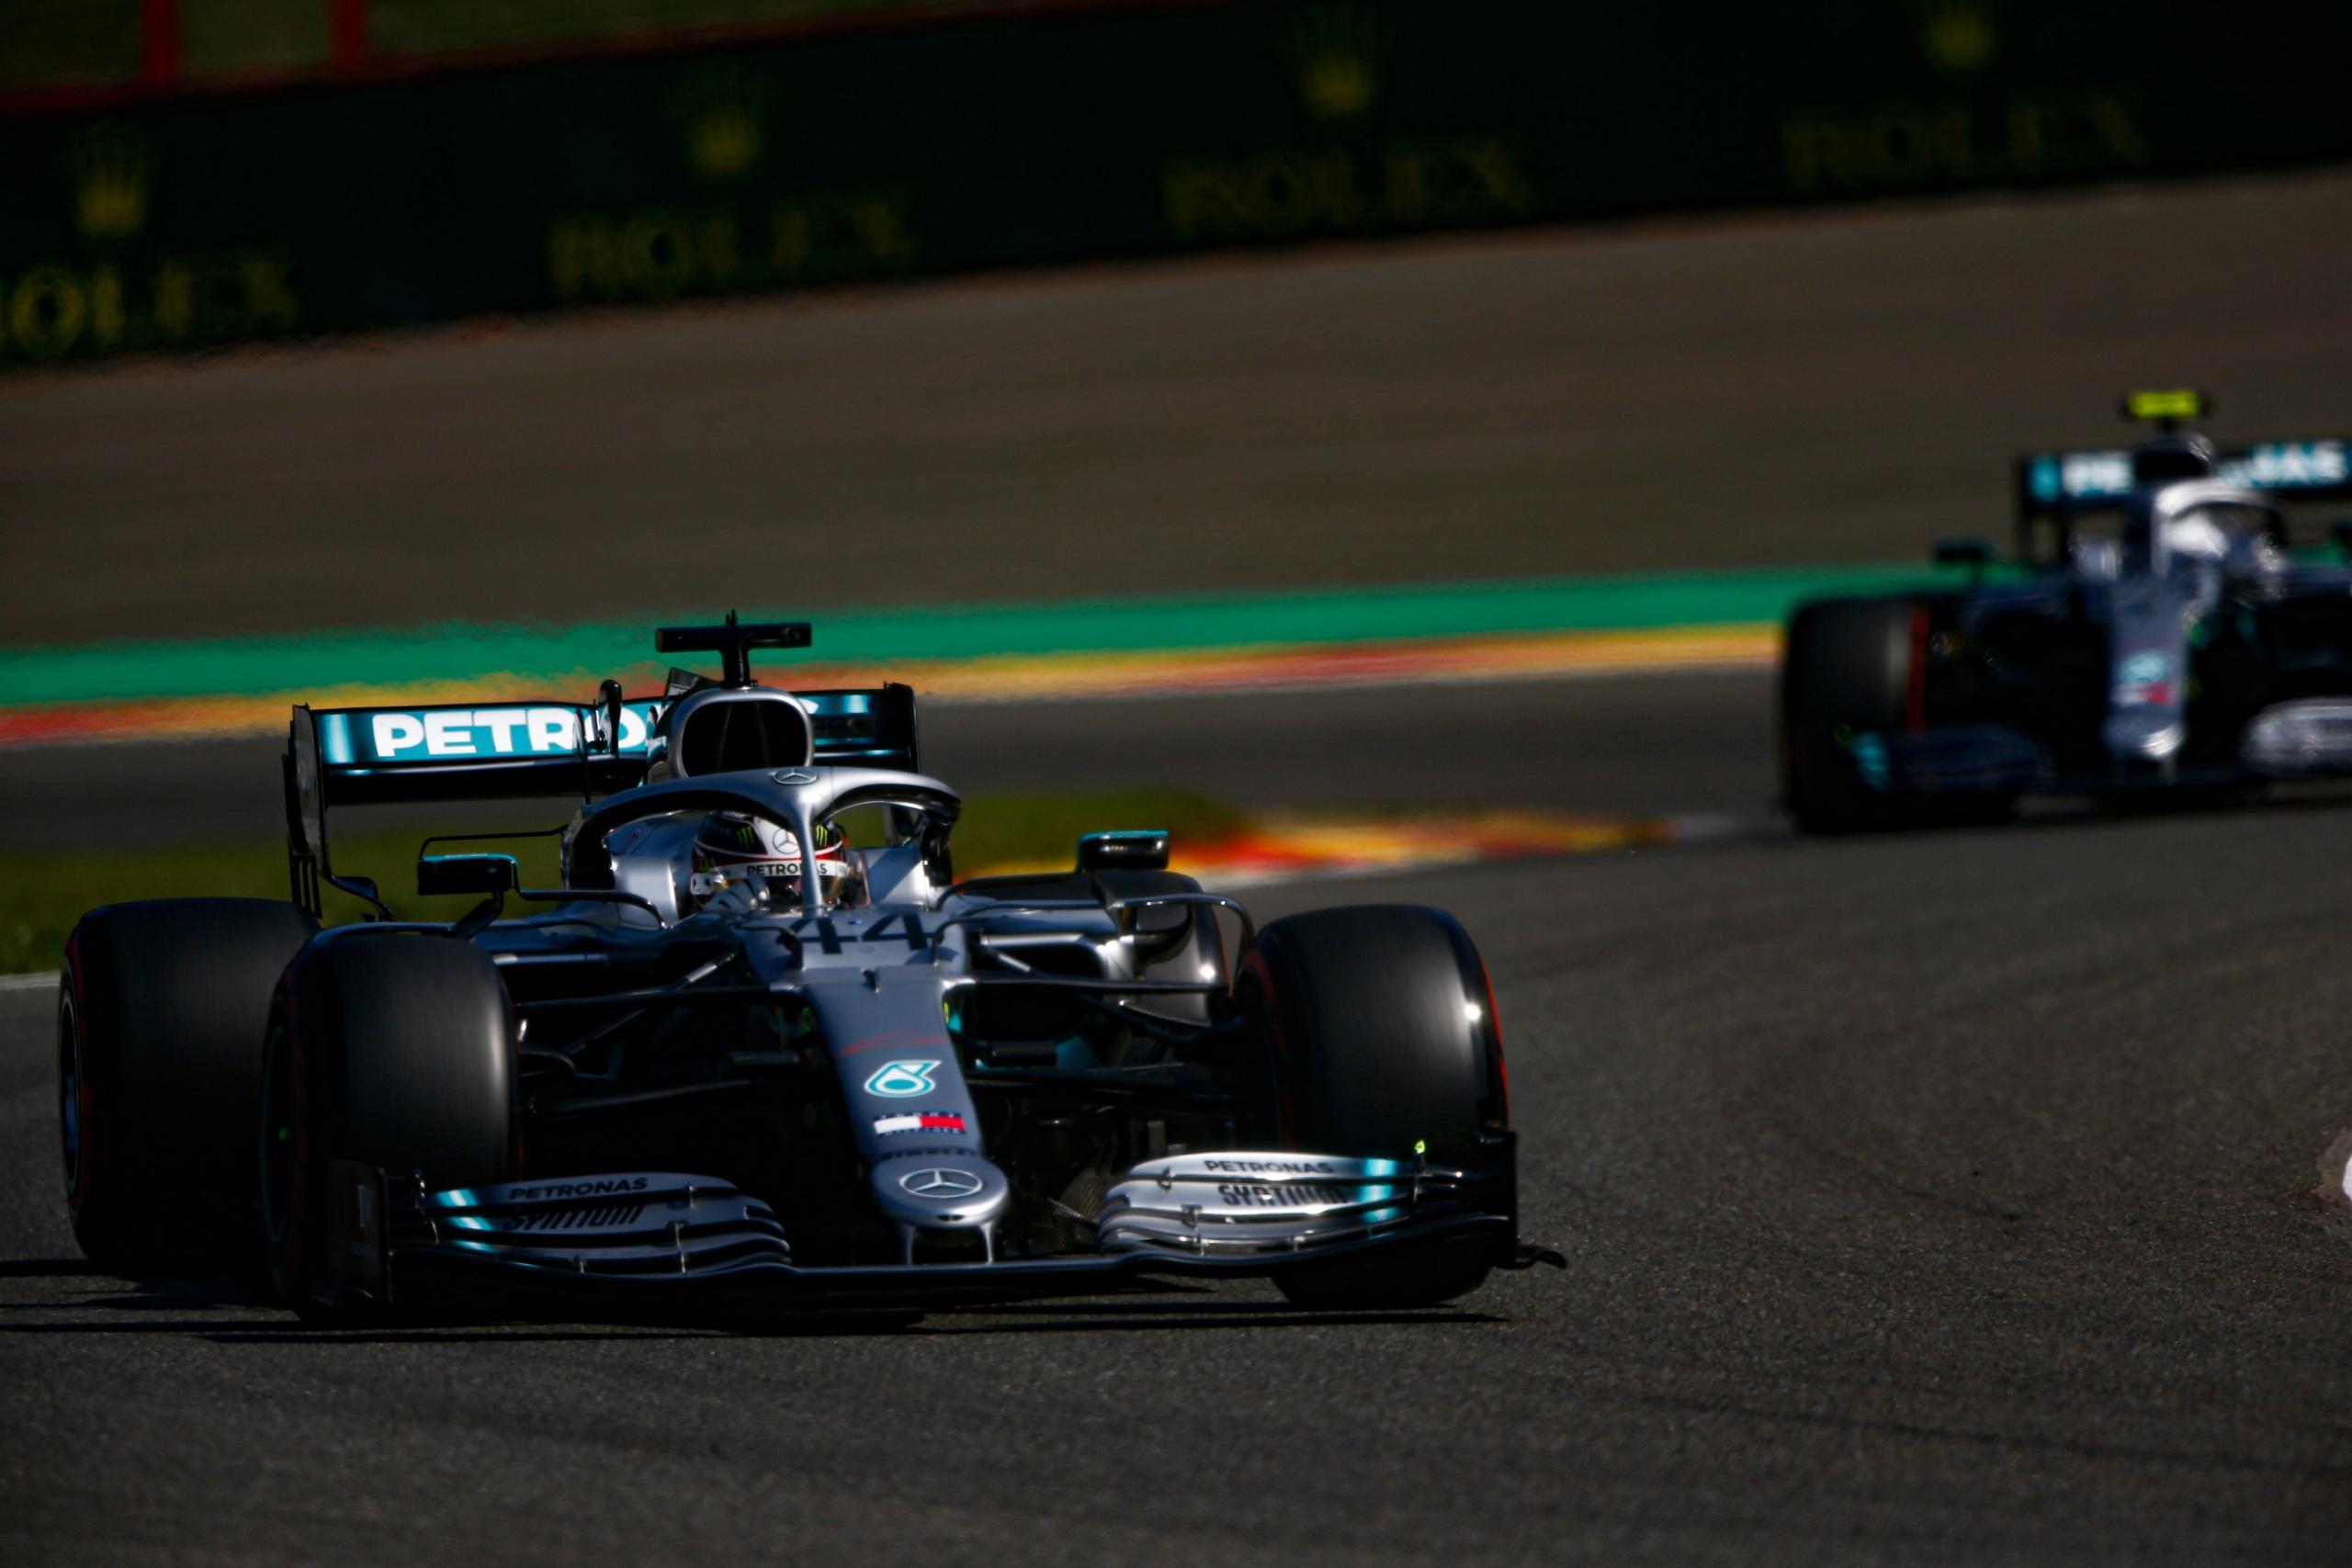 Mercedes уверенно лидирует в кубке конструкторов после второго и третьего места в гран-при Бельгии 2019 года